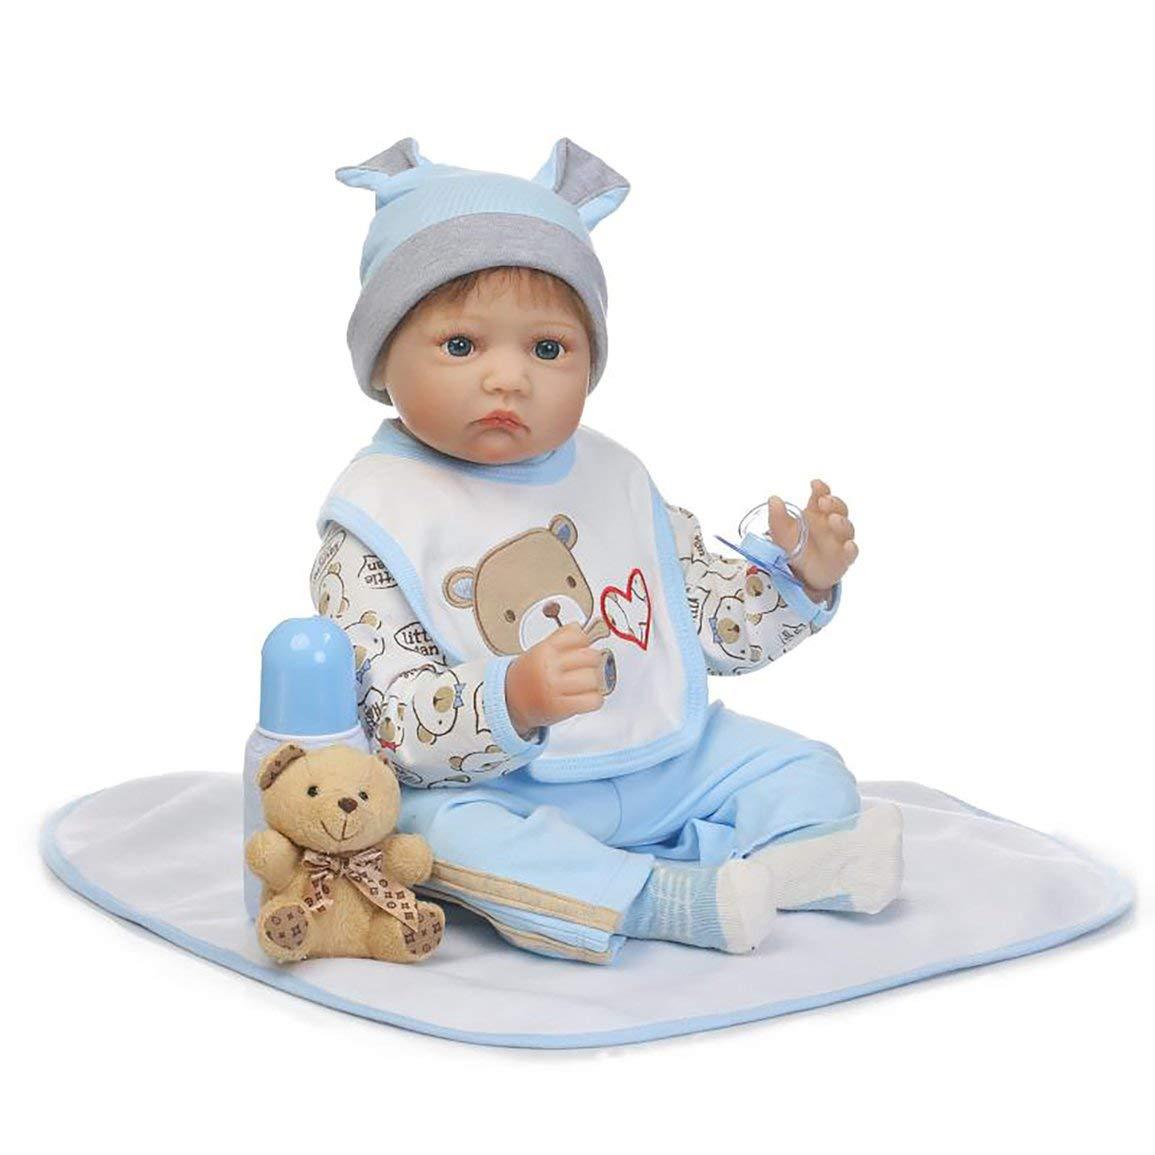 55cm de Silicona Suave Vinilo muñeca de Seguro no tóxico Juguetes Hechos a Mano Adorable Precioso Realista Playmate Regalo Americano de la muñeca